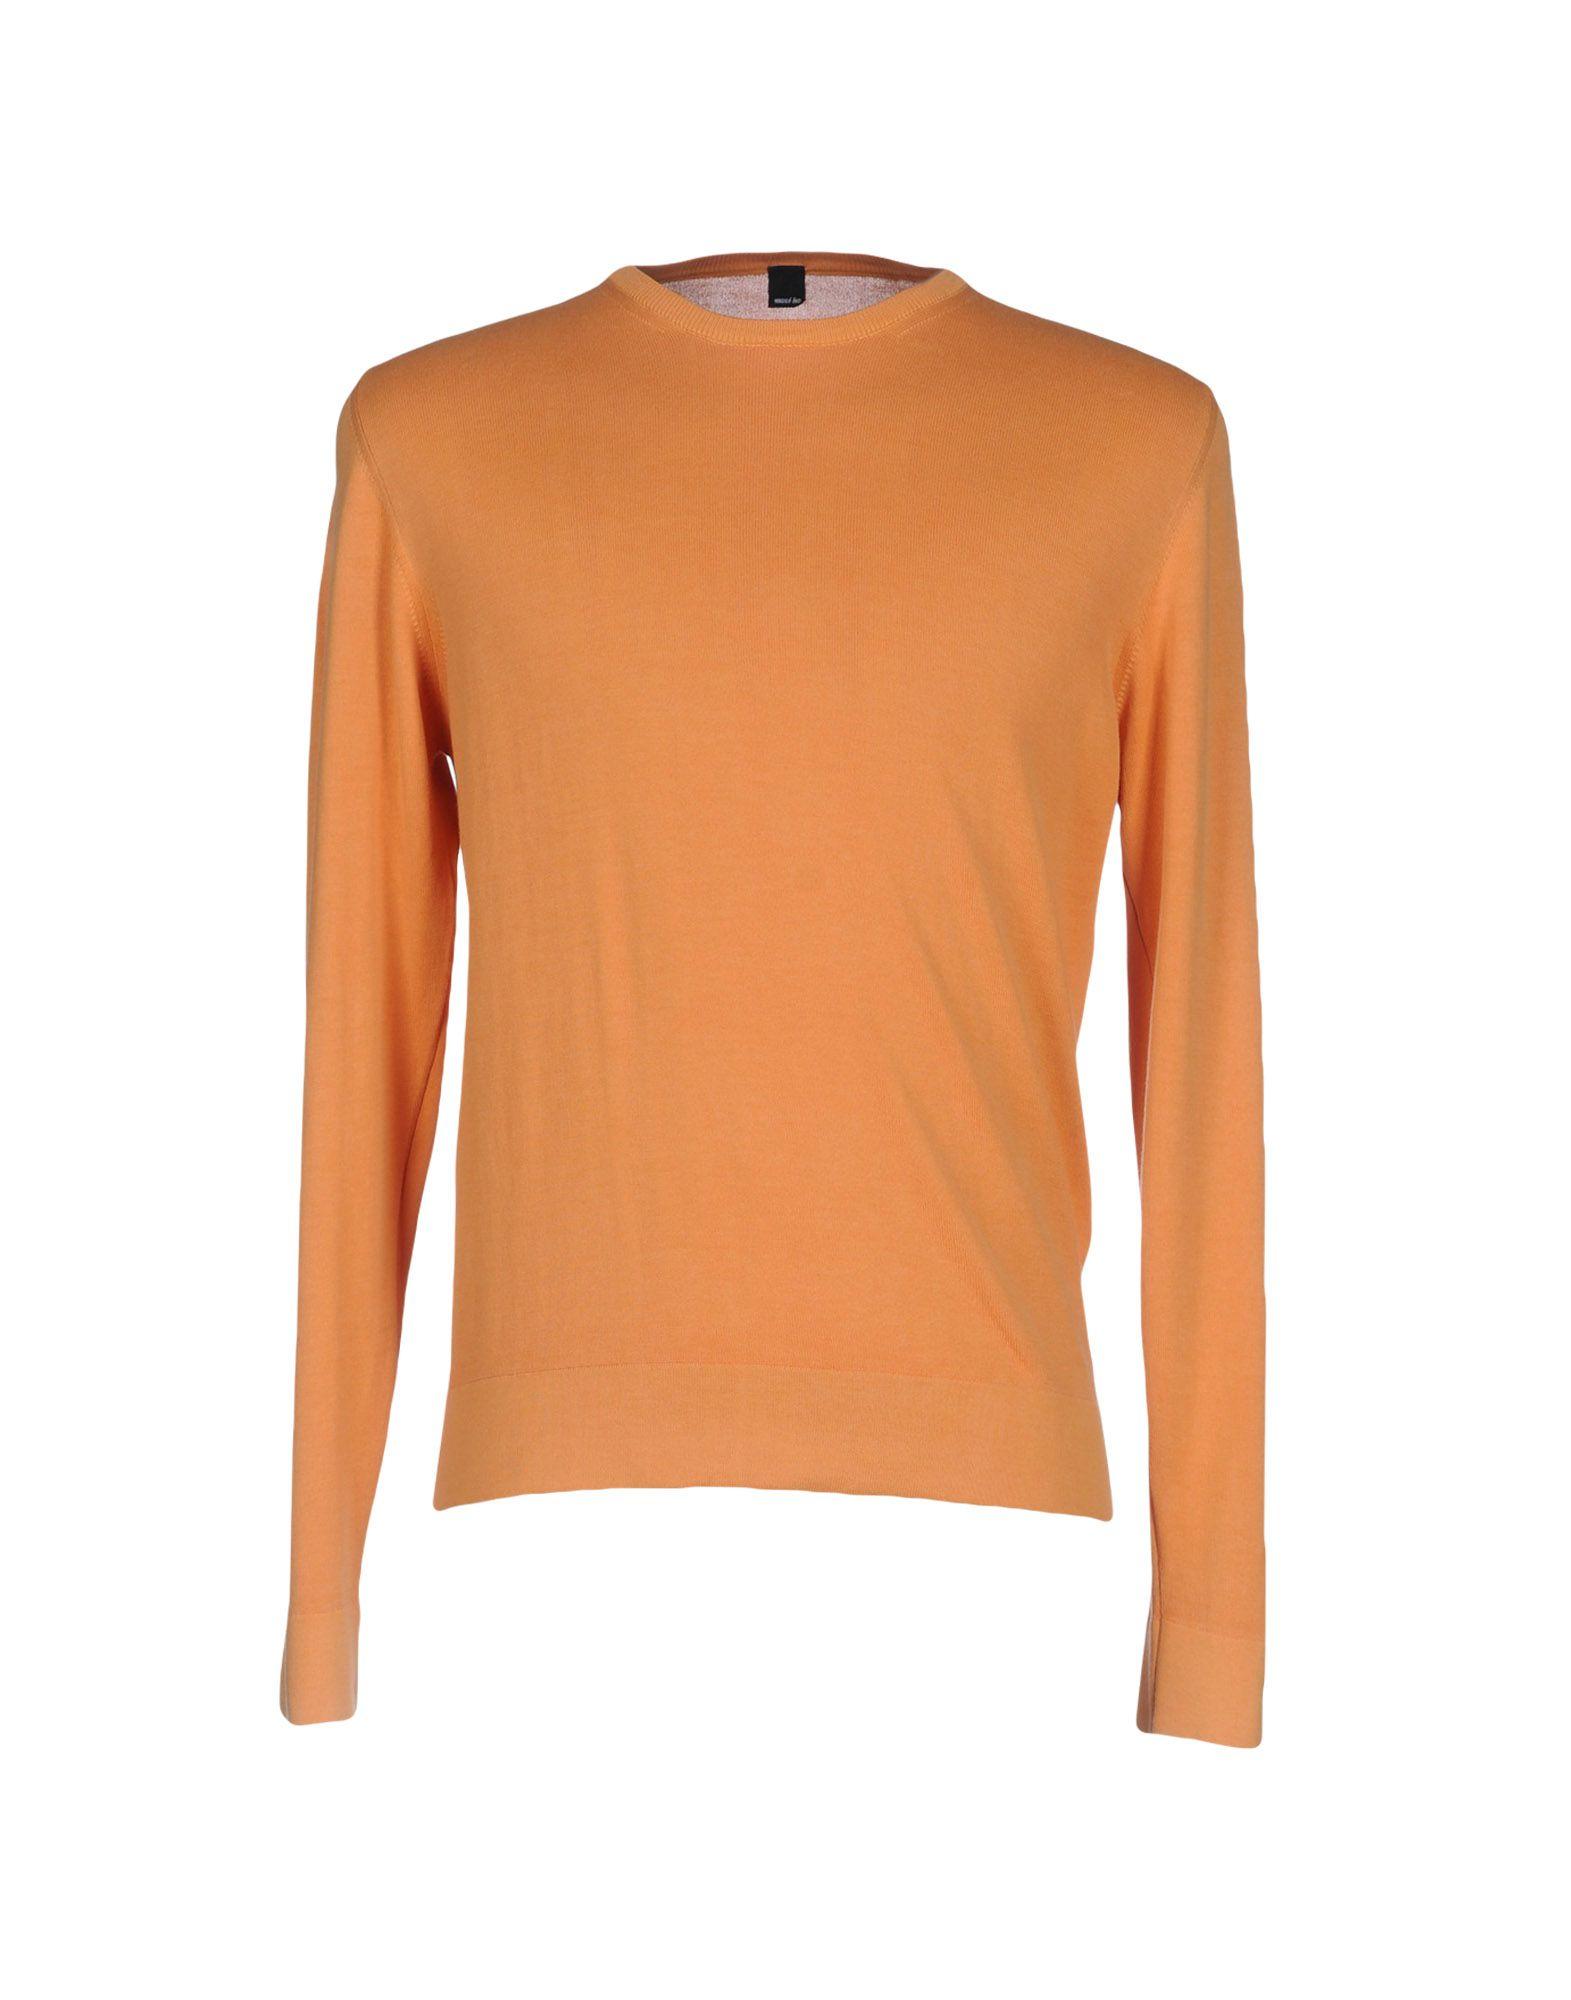 《送料無料》MAXI HO メンズ プルオーバー オレンジ 54 コットン 100%